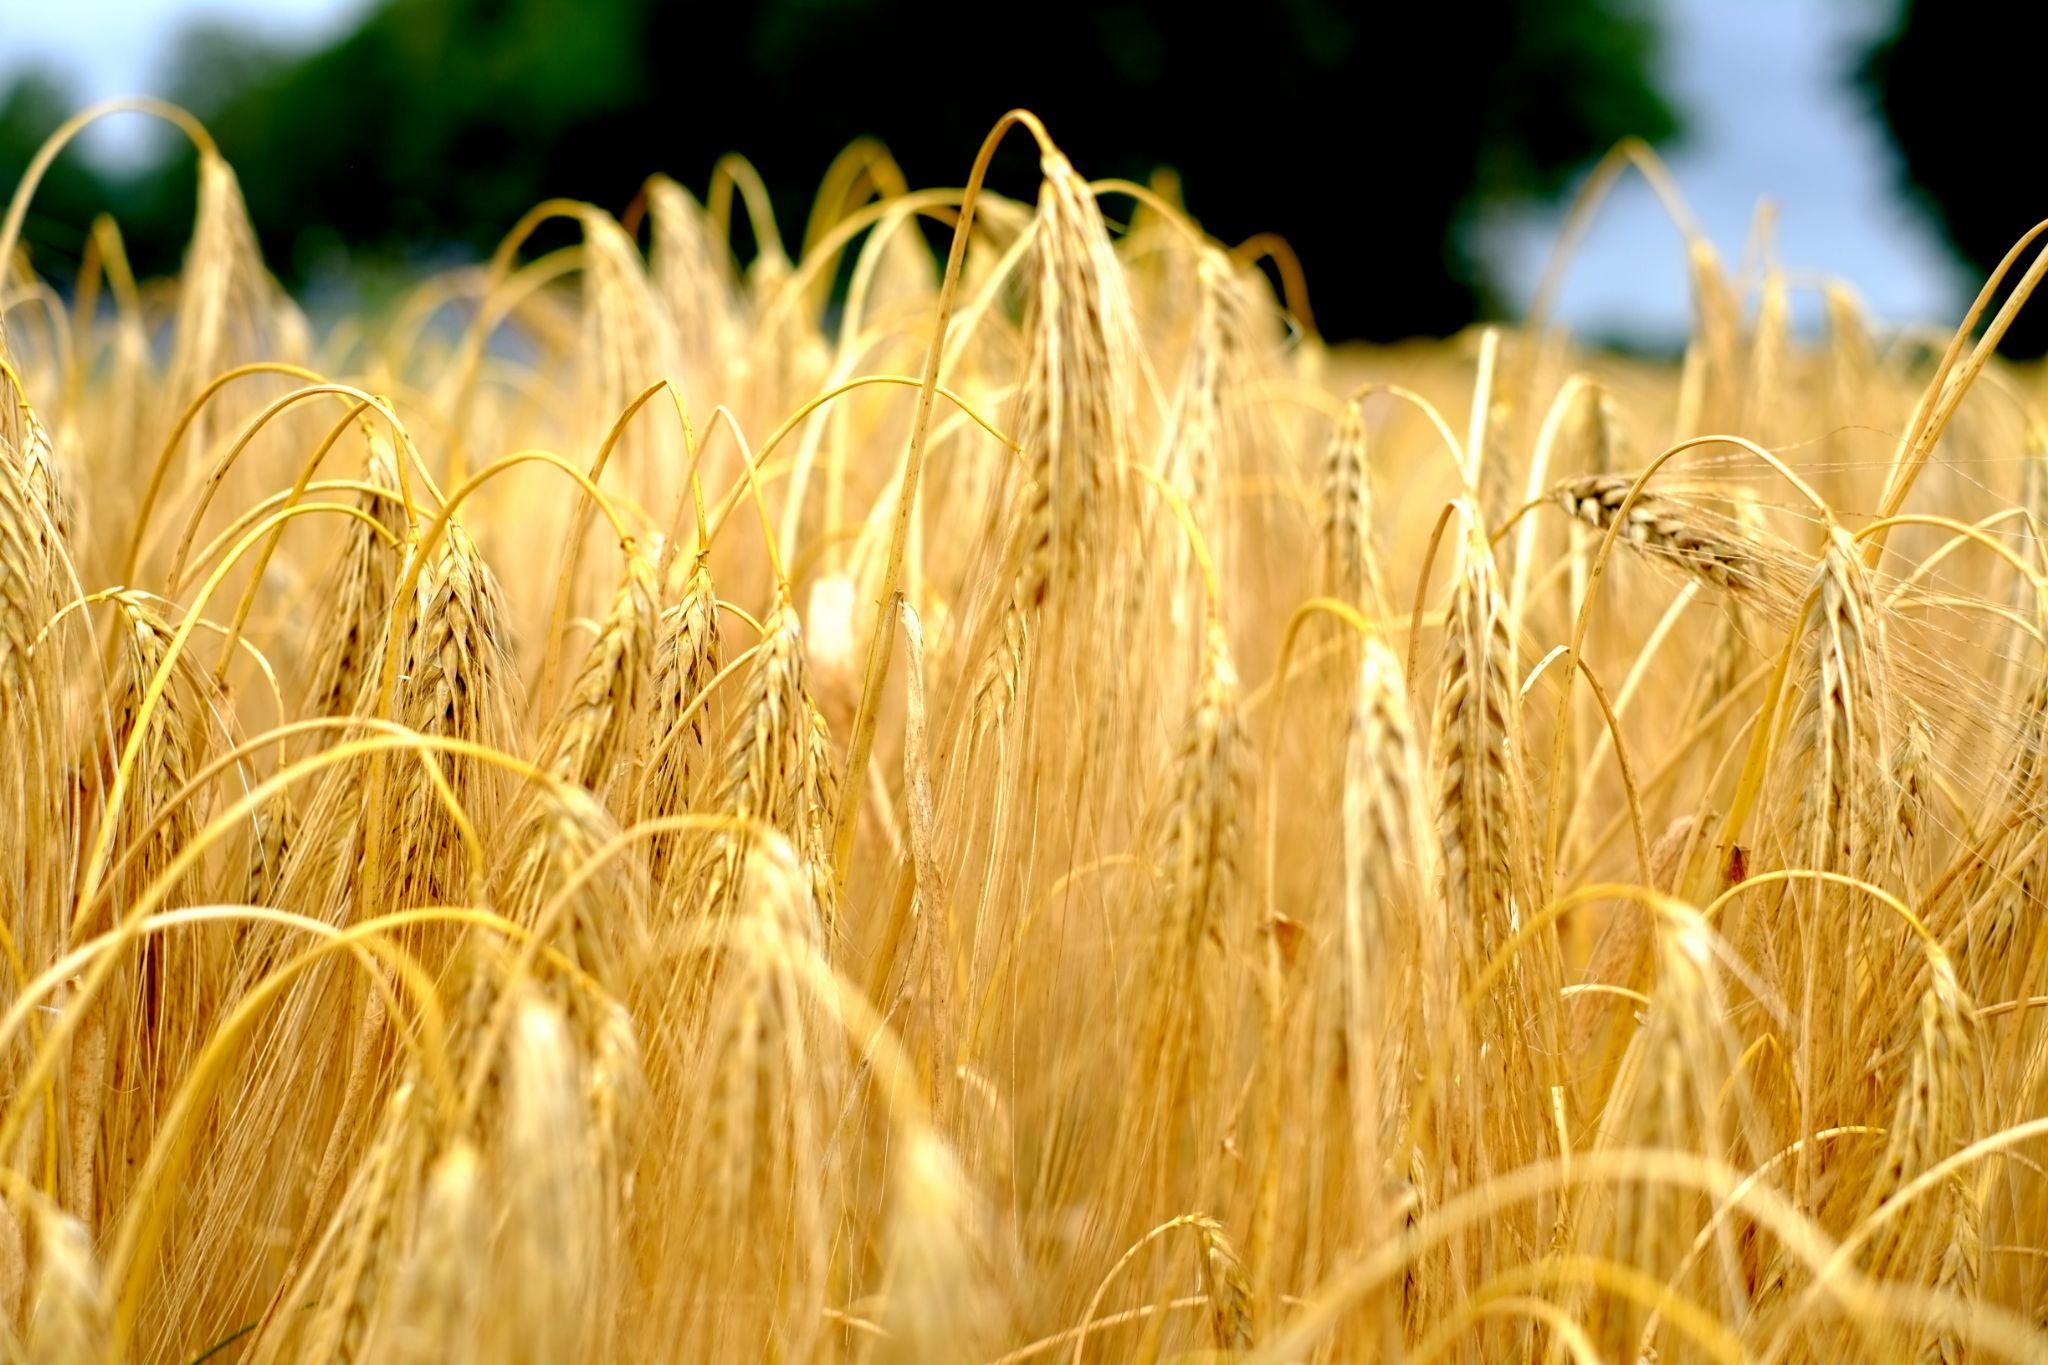 Grain by peterkryzun